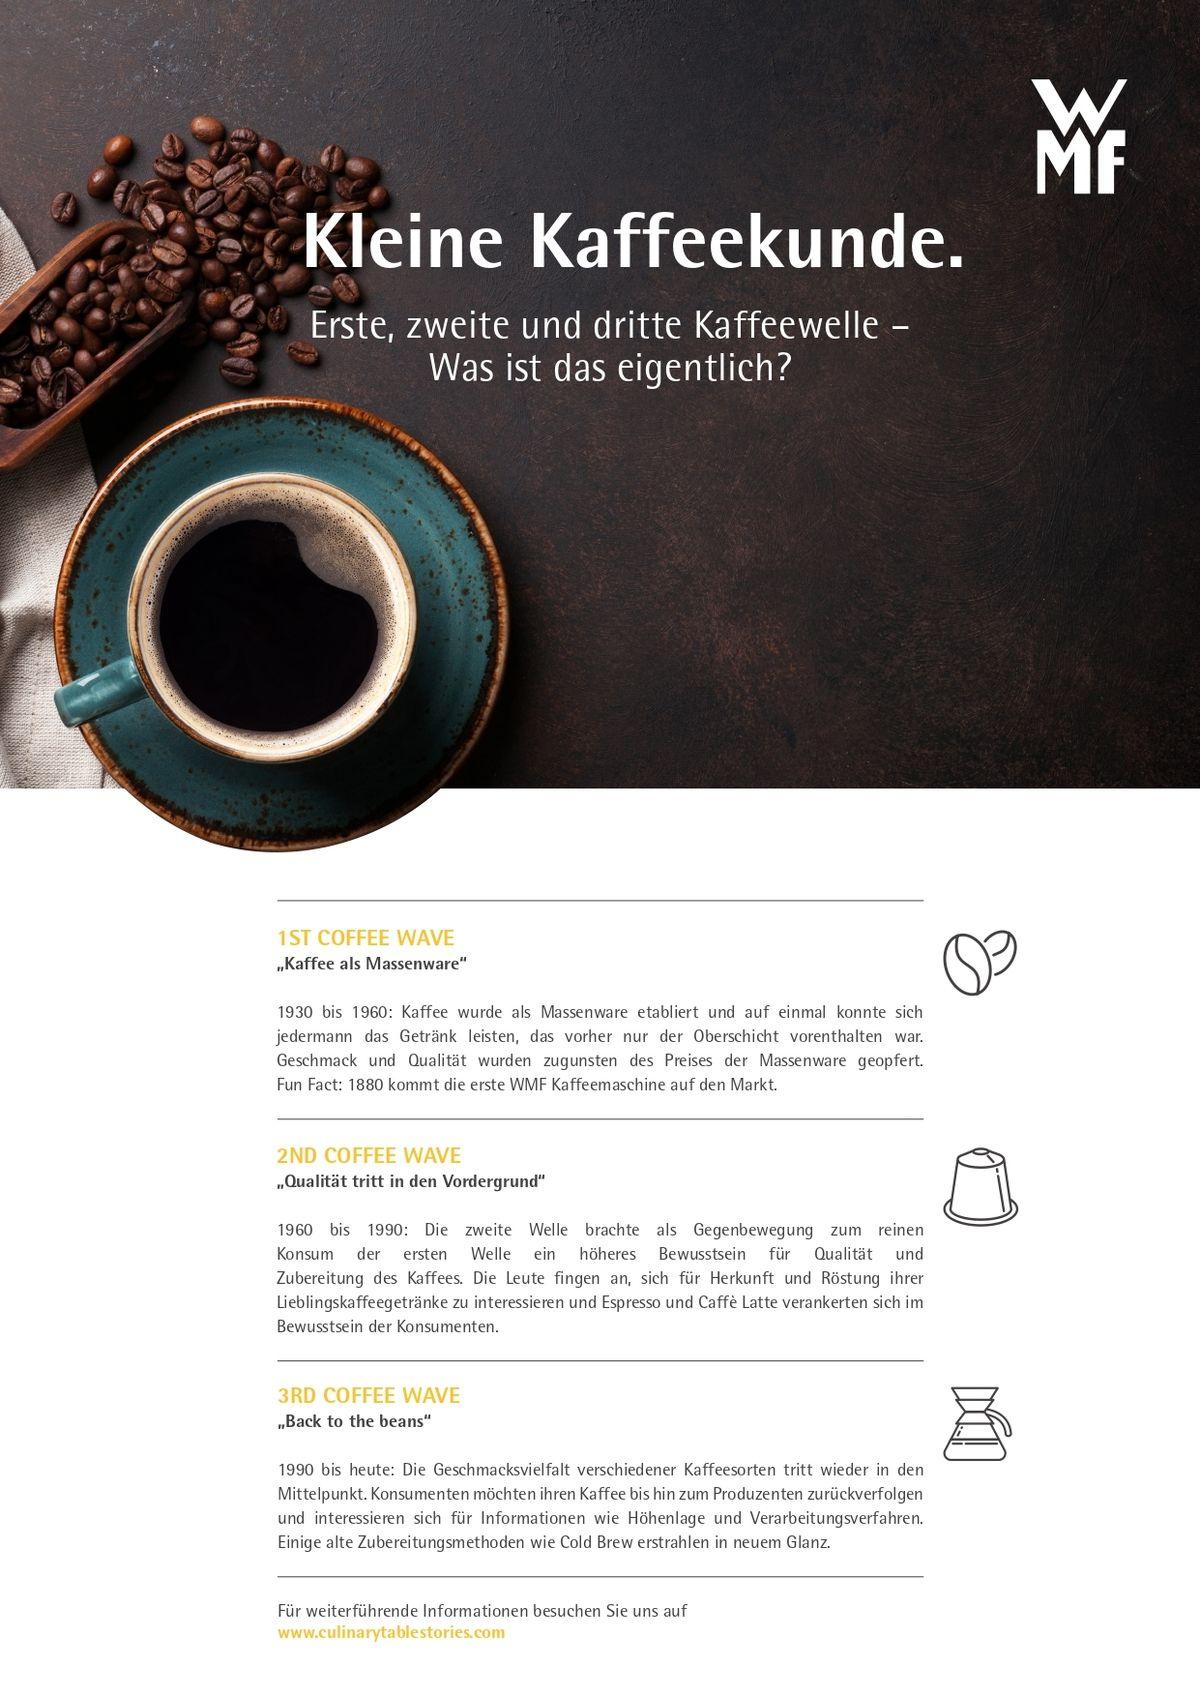 Wmf Kleine Kaffeekunde Erste Zweite Und Dritte Kaffeewelle Page 0001